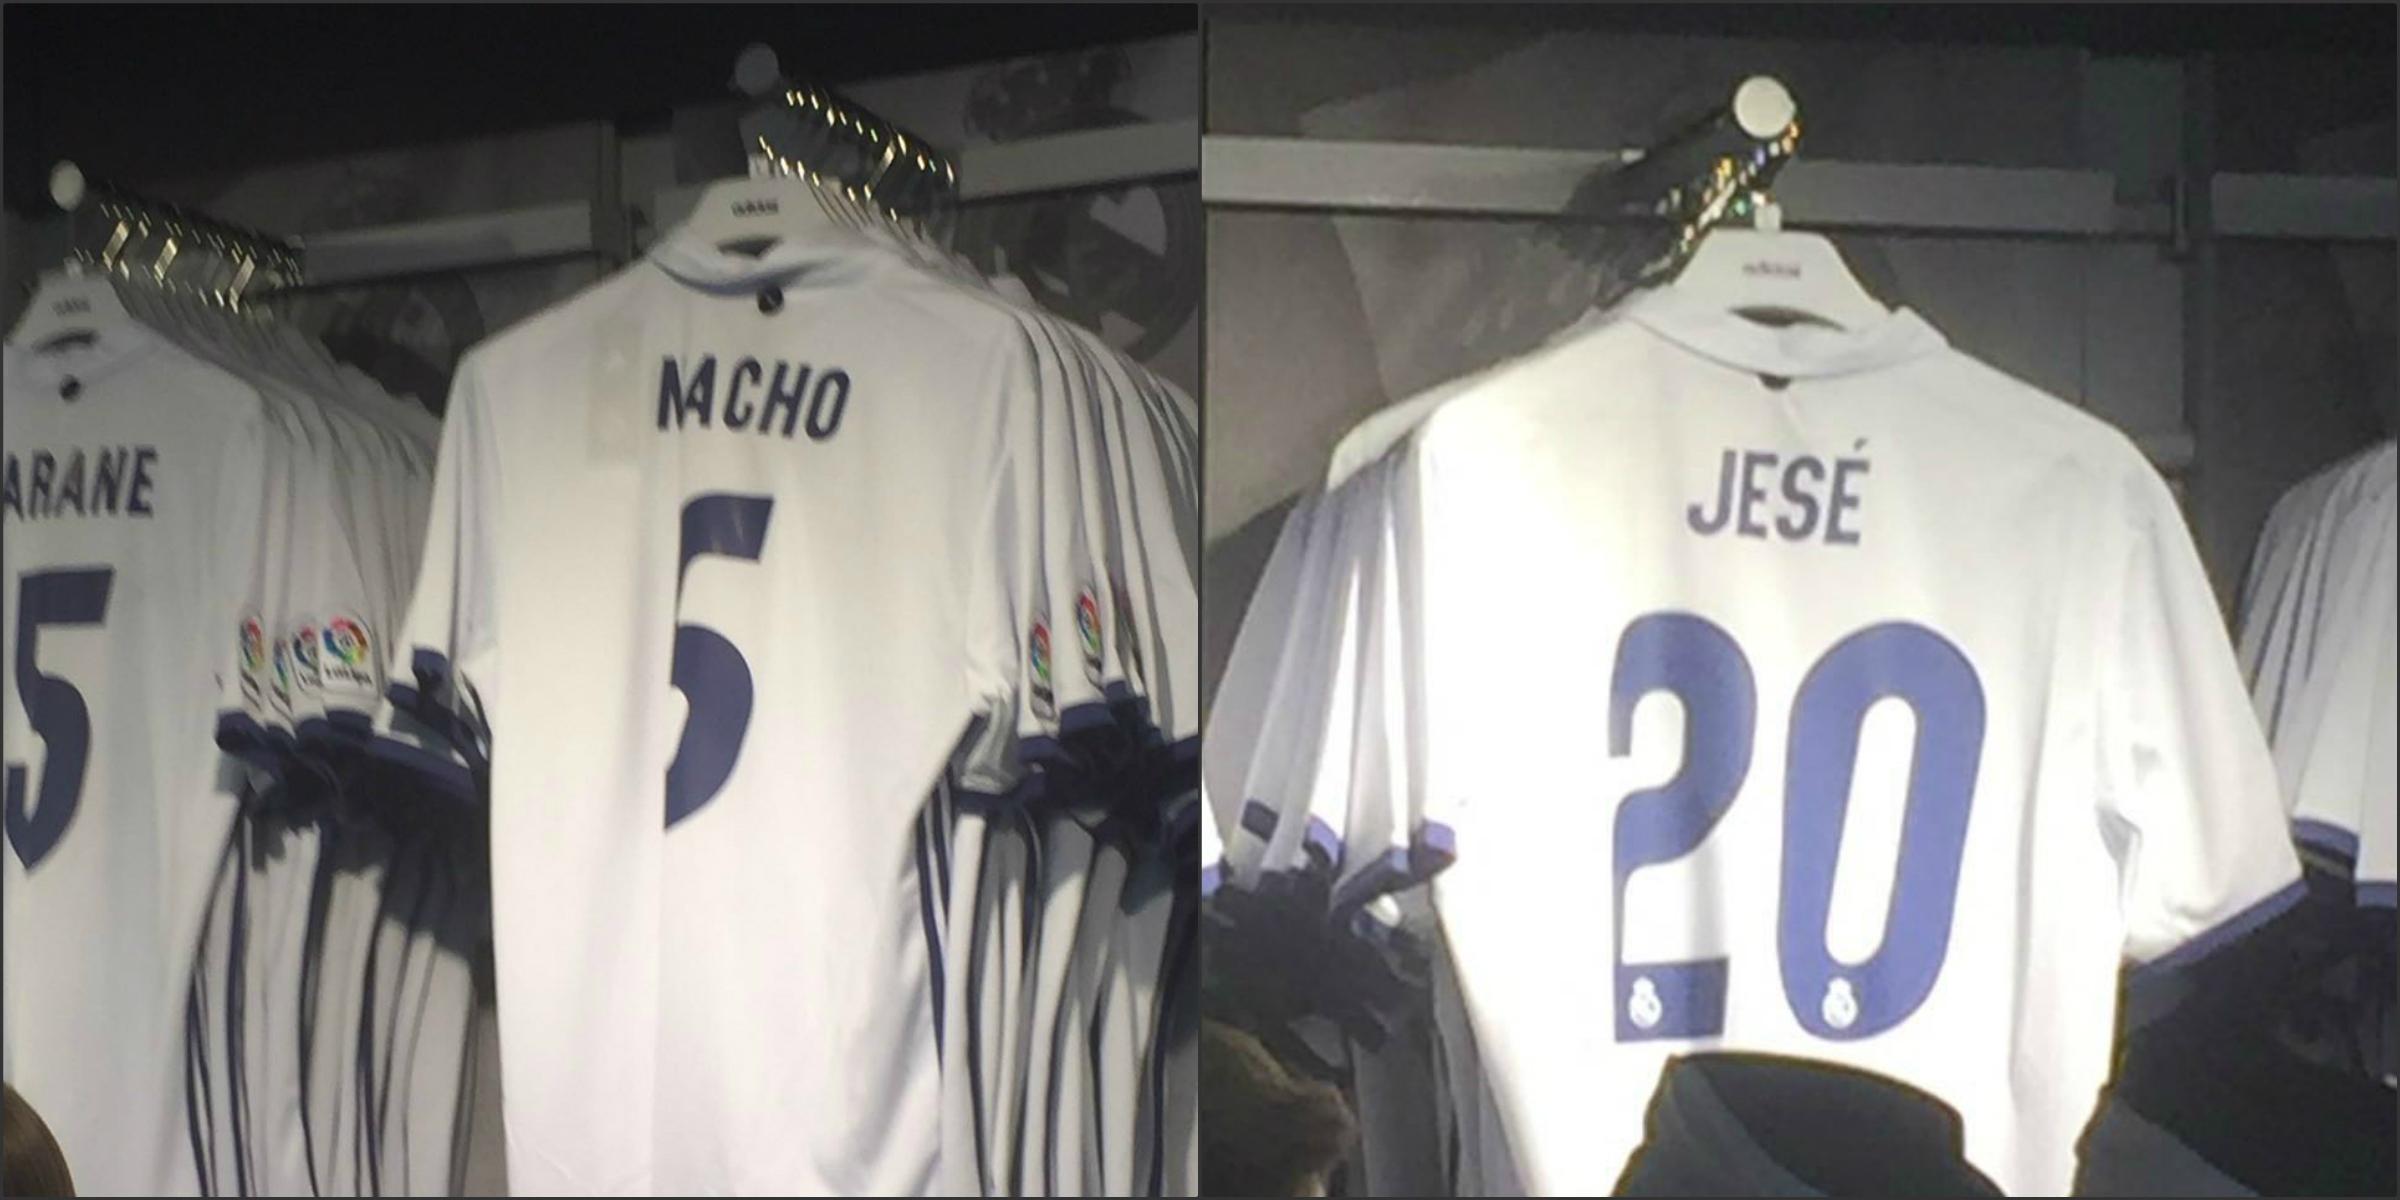 Las camisetas de Nacho y Jesé, en la tienda del Real Madrid.